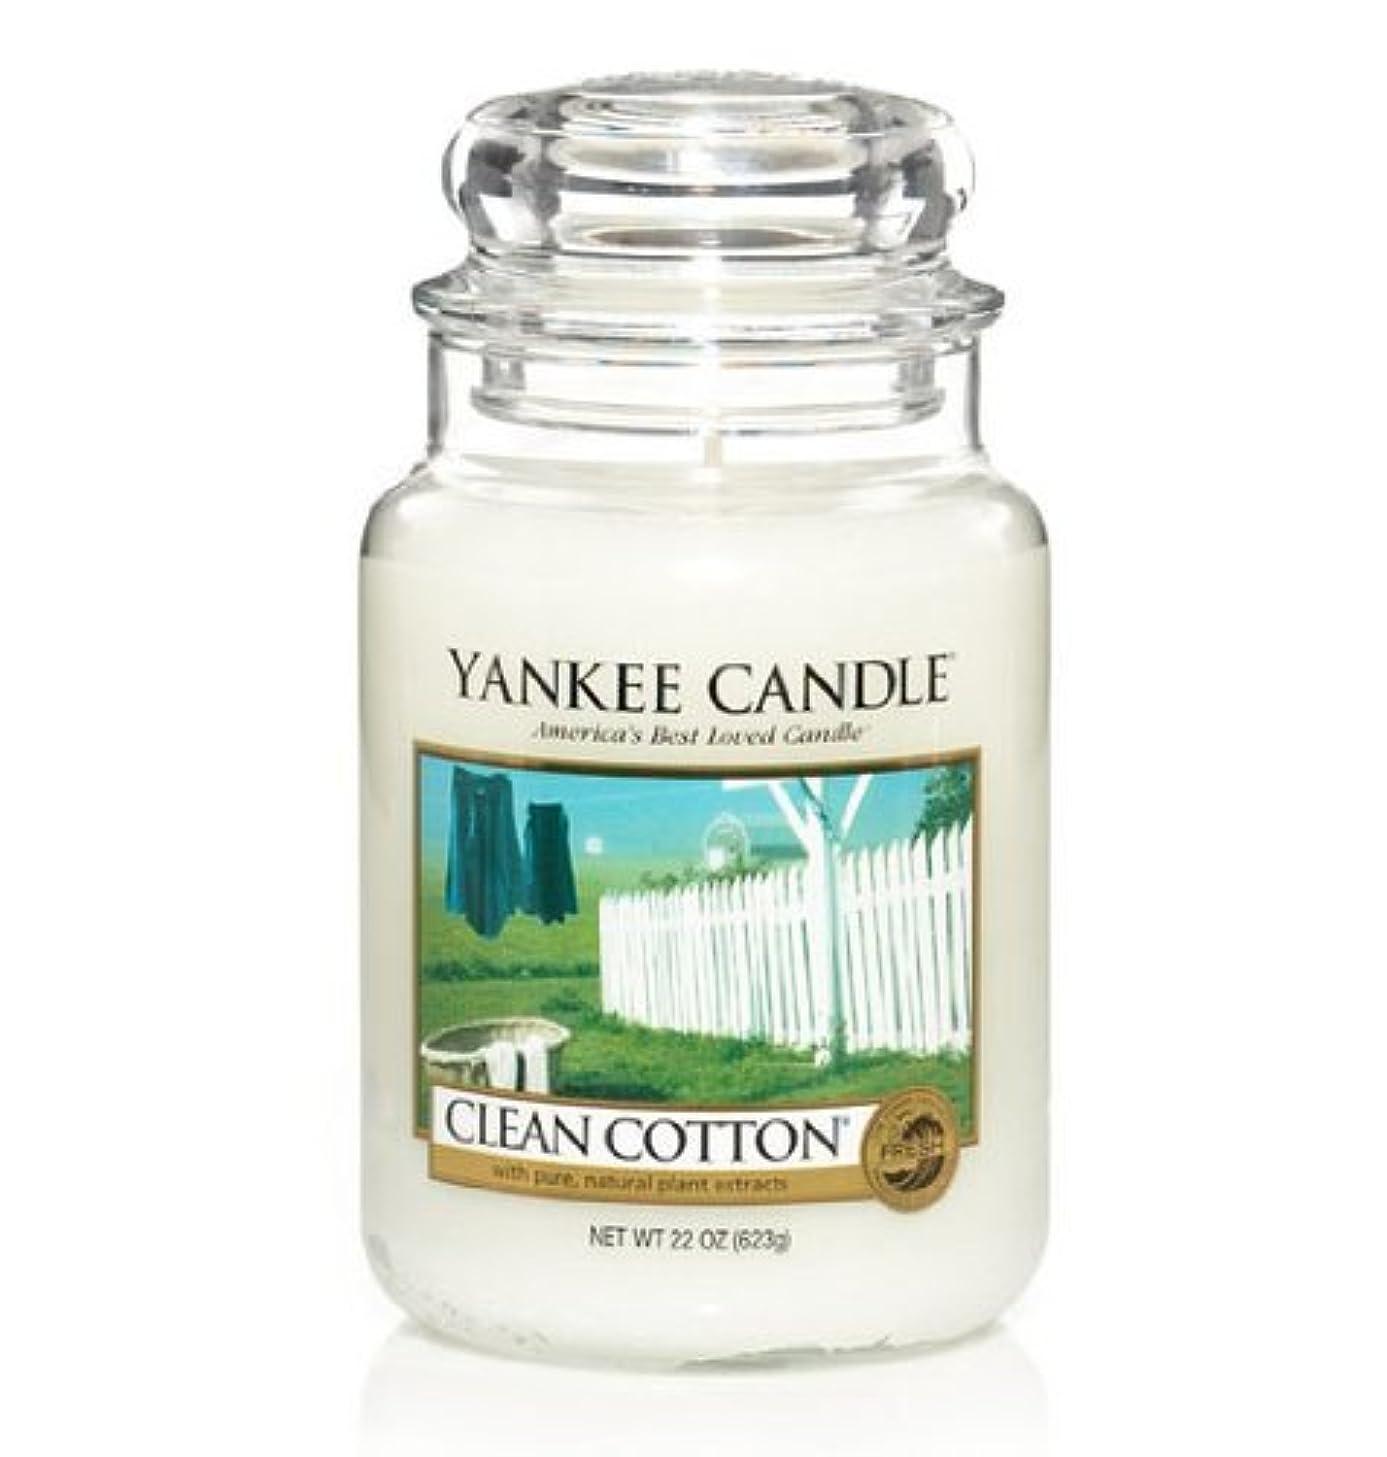 参加する膨張するスロットYankee Candle Clean Cotton Large Jar 22oz Candle [並行輸入品]